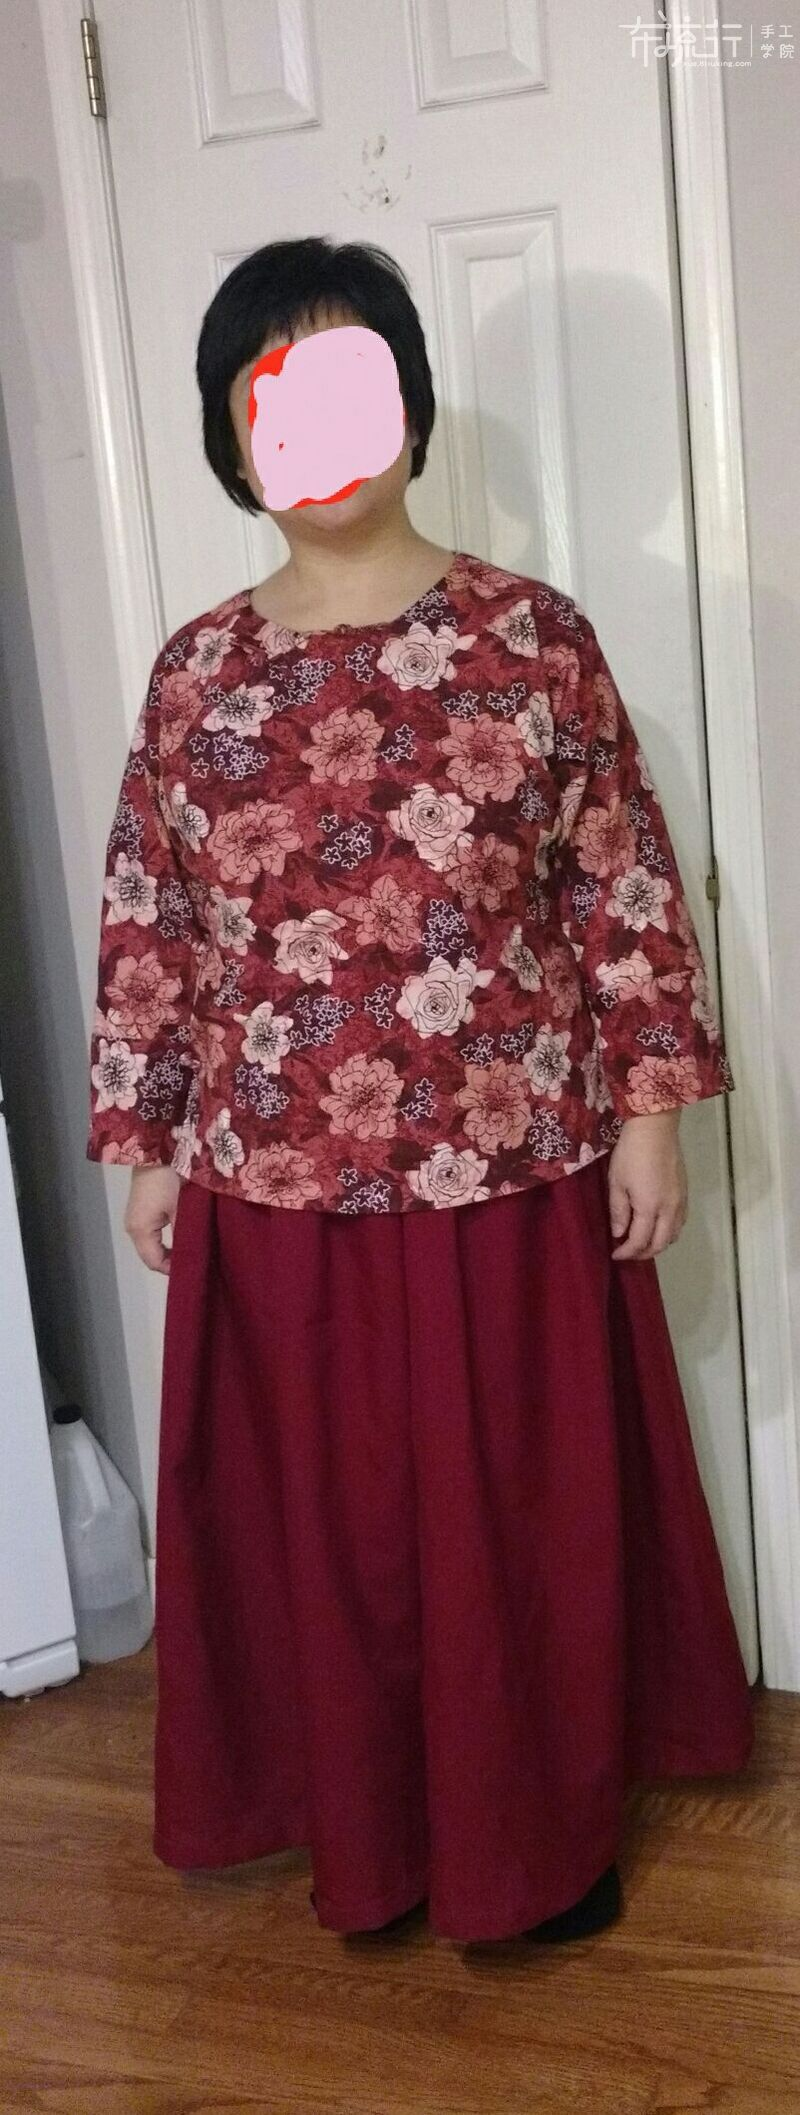 第17课:-橘色上下两件套-裙子制作